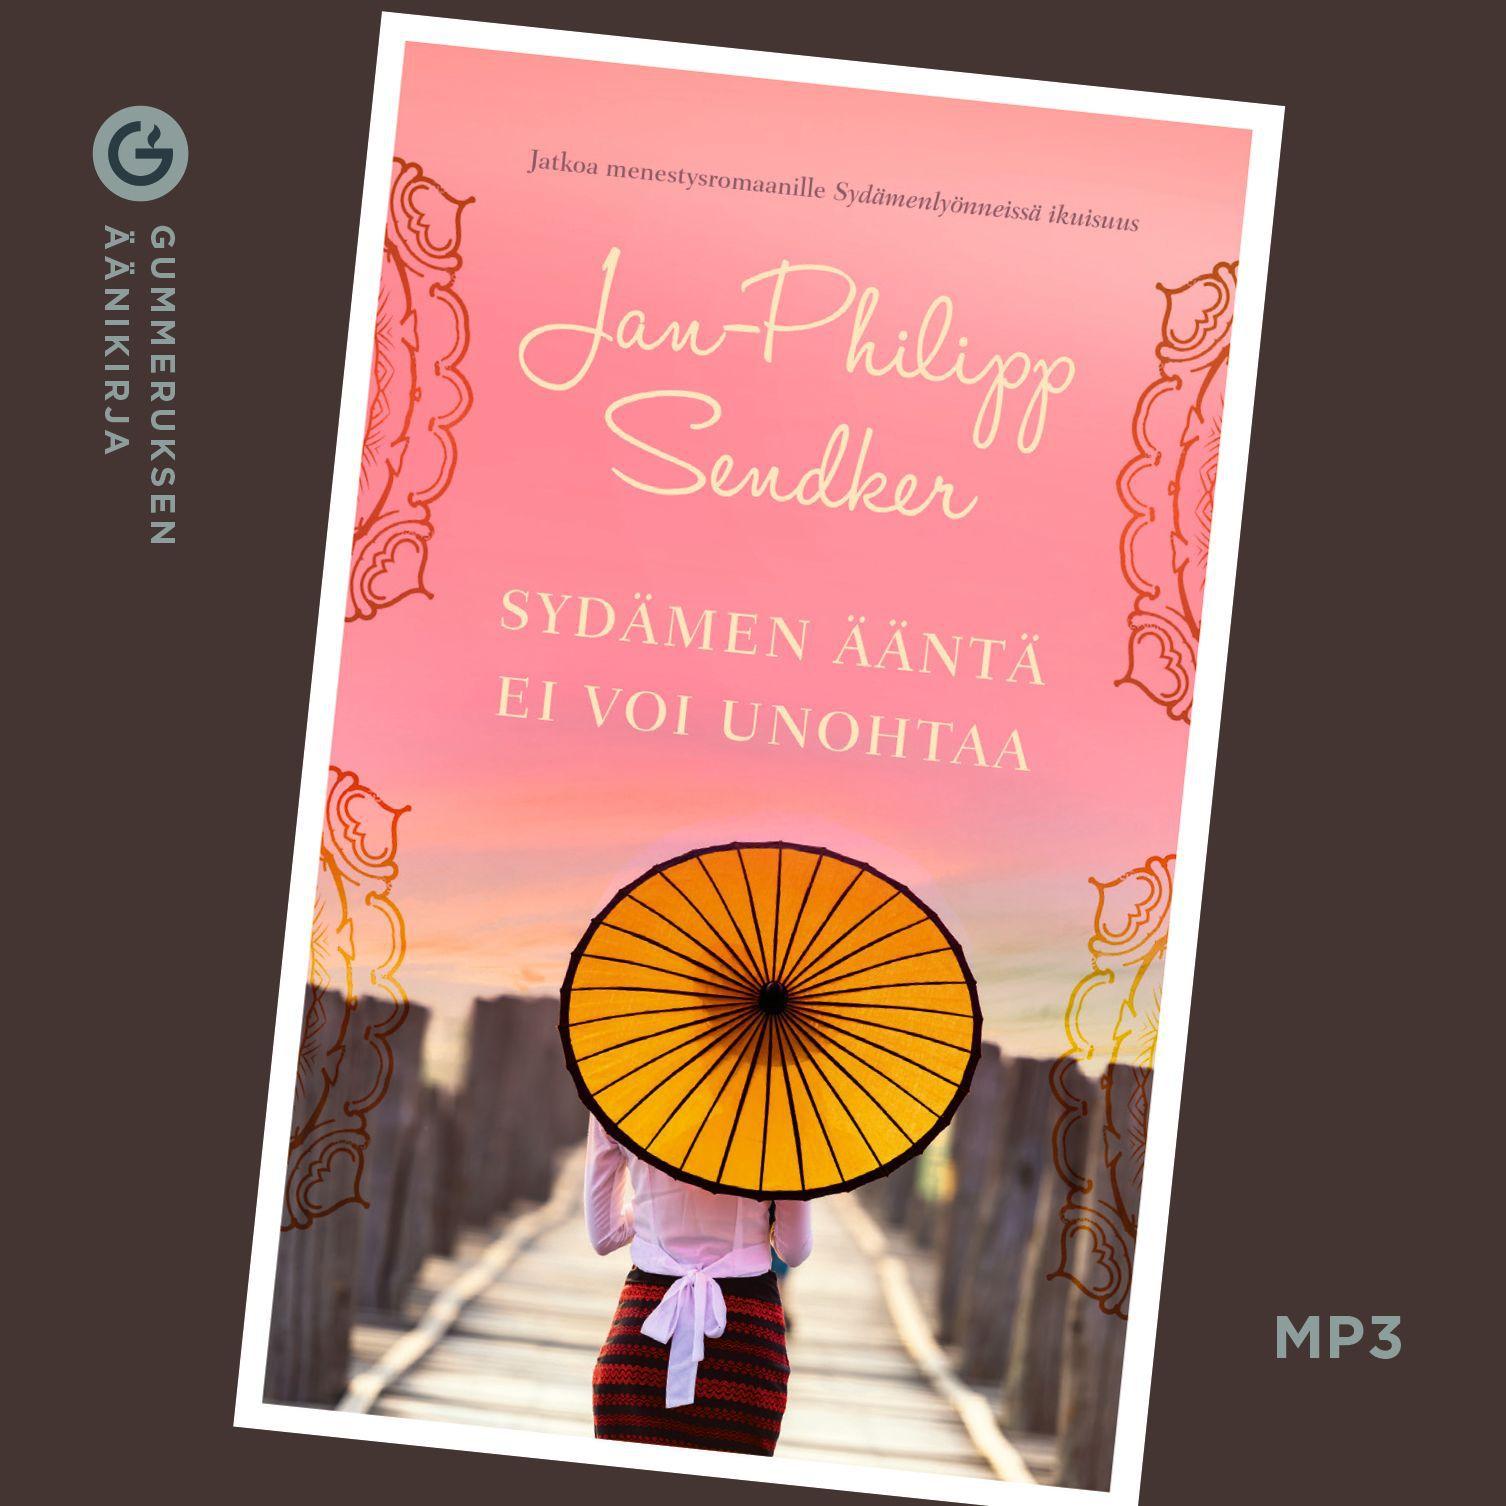 Sendker, Jan-Philipp - Sydämen ääntä ei voi unohtaa, äänikirja